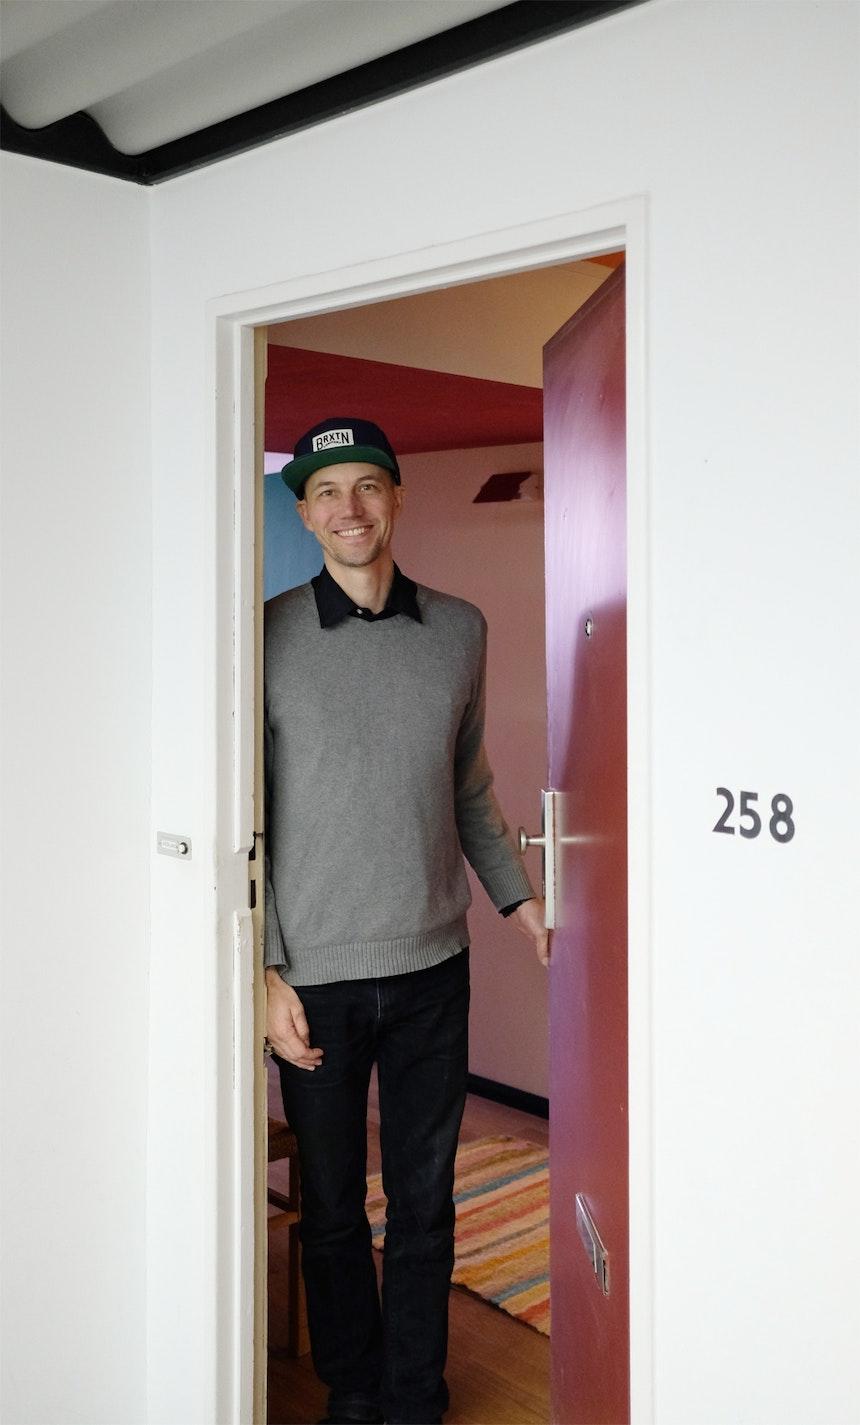 Apartment 258 – Hier wohnen Henrik & Natalia Svedlund